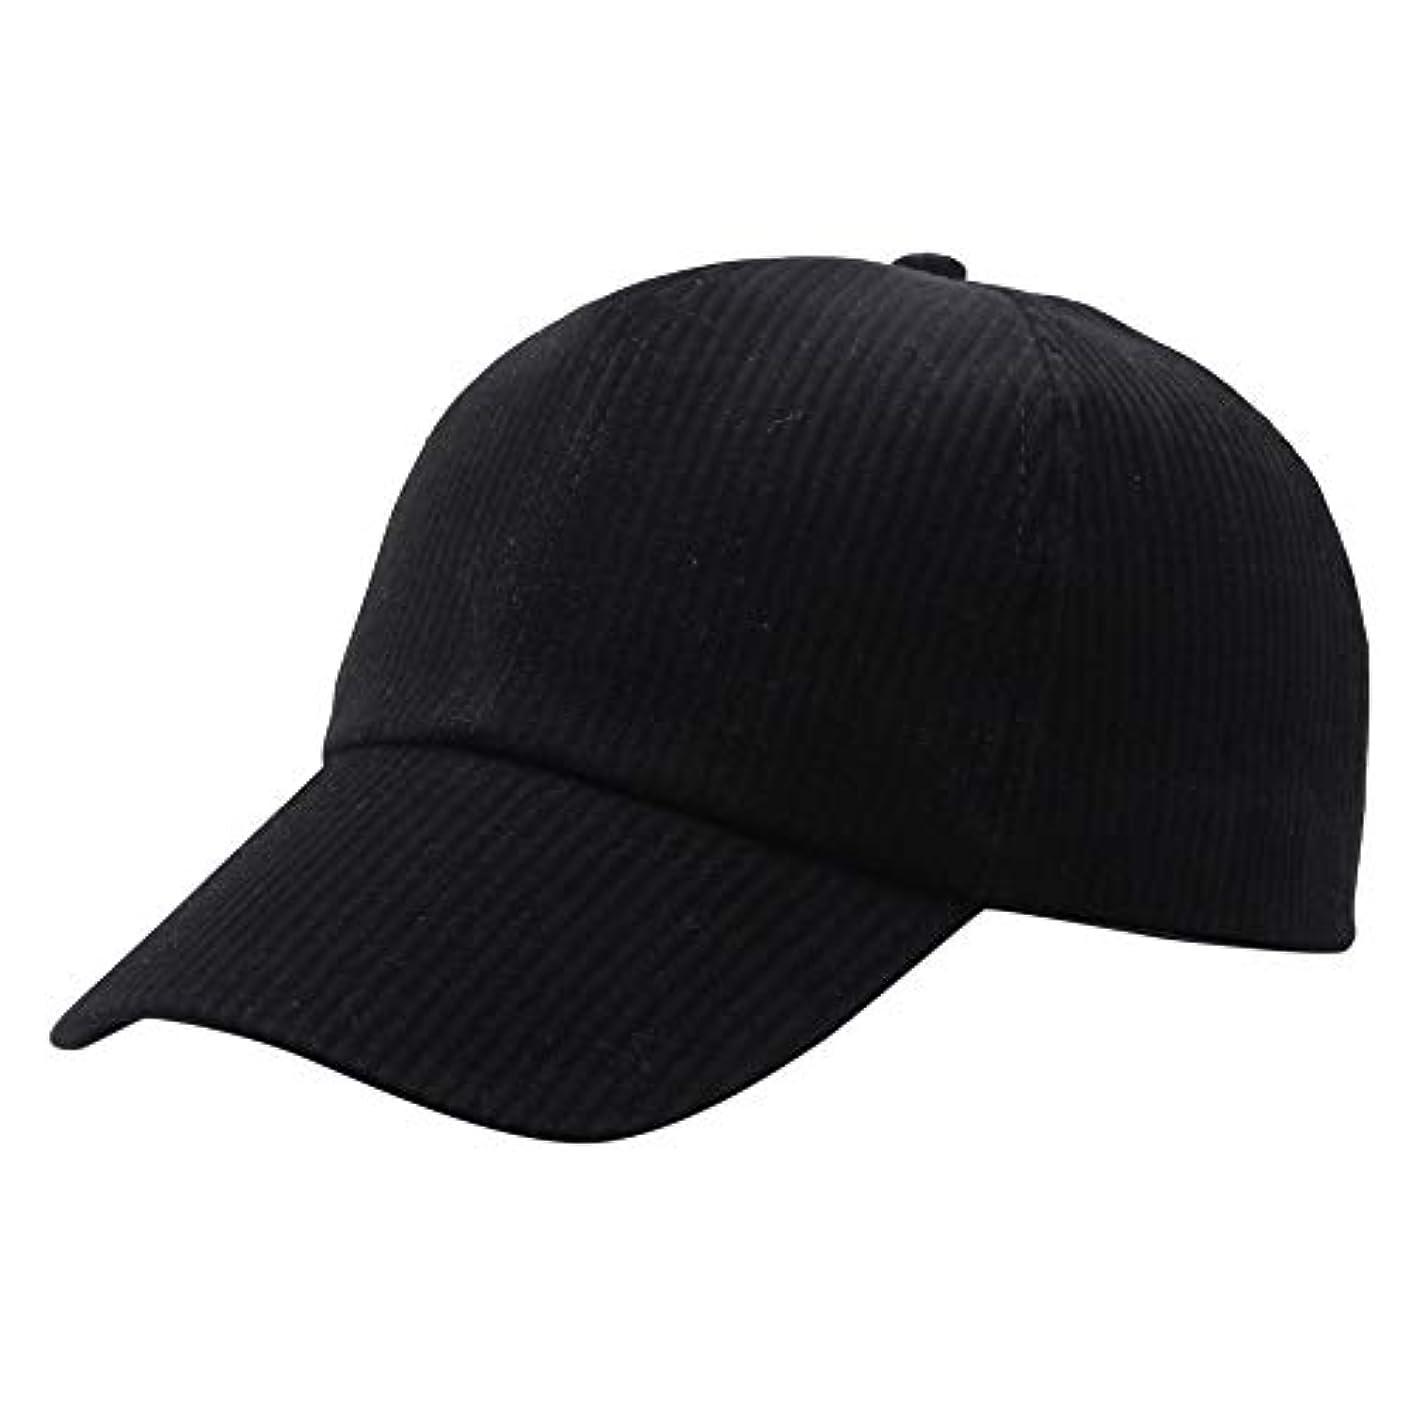 ファイター怖がって死ぬ聖なるRacazing Cap コーデュロイ 野球帽 迷彩 夏 登山 通気性のある メッシュ 帽子 ベルクロ 可調整可能 ストライプ 刺繍 棒球帽 UV 帽子 軽量 屋外 Unisex Hat (B)